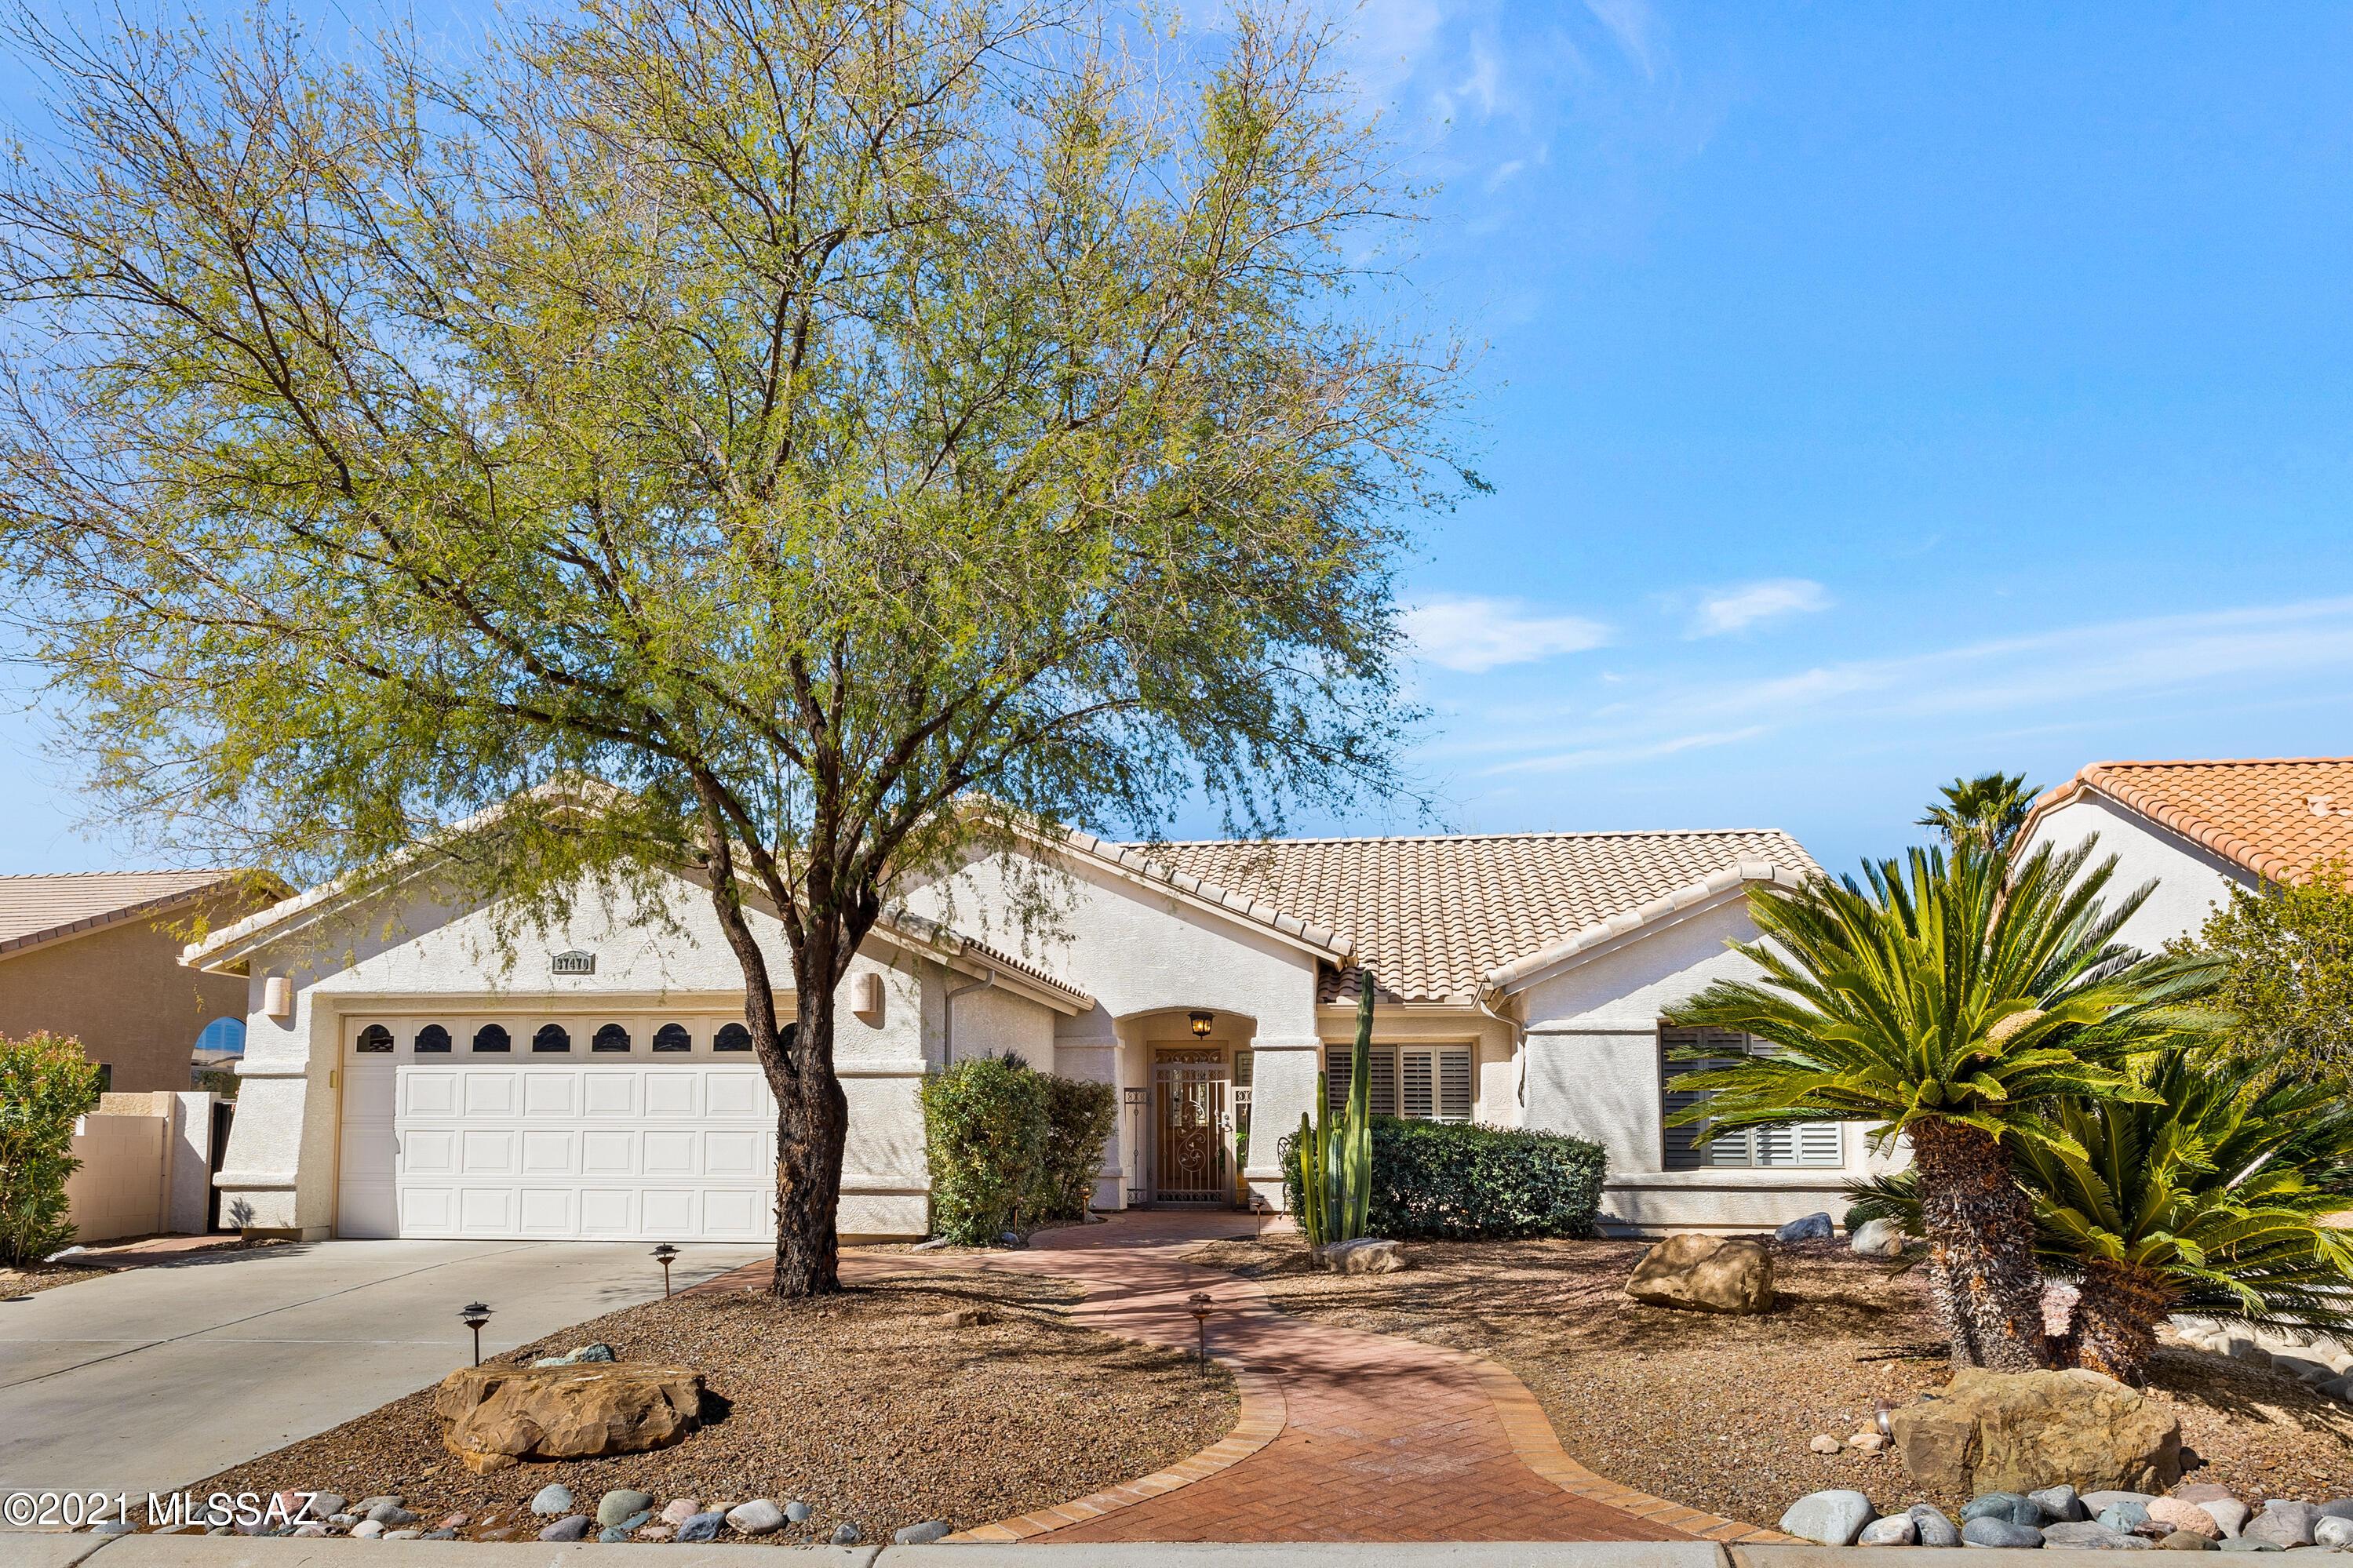 Photo of 37470 S Ocotillo Canyon Drive, Saddlebrooke, AZ 85739